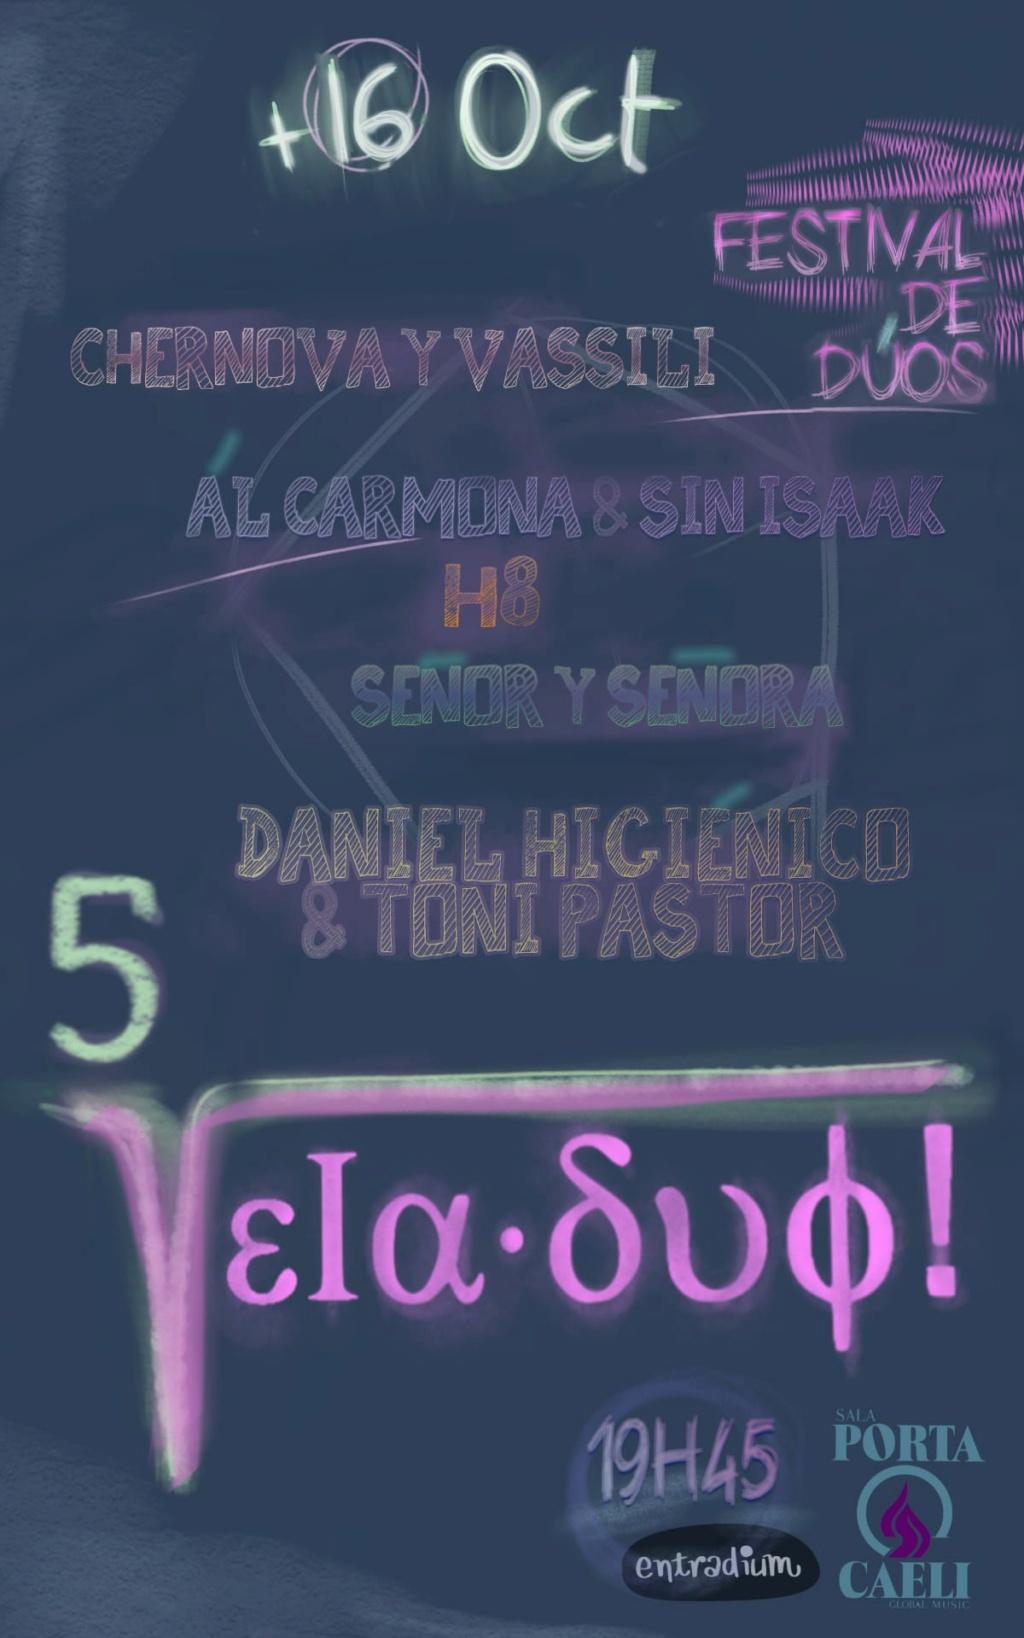 Veladúo: festival de dúos #Valladolid....a por la edición 6 (22, 23 octubre) - Página 14 Img-2035